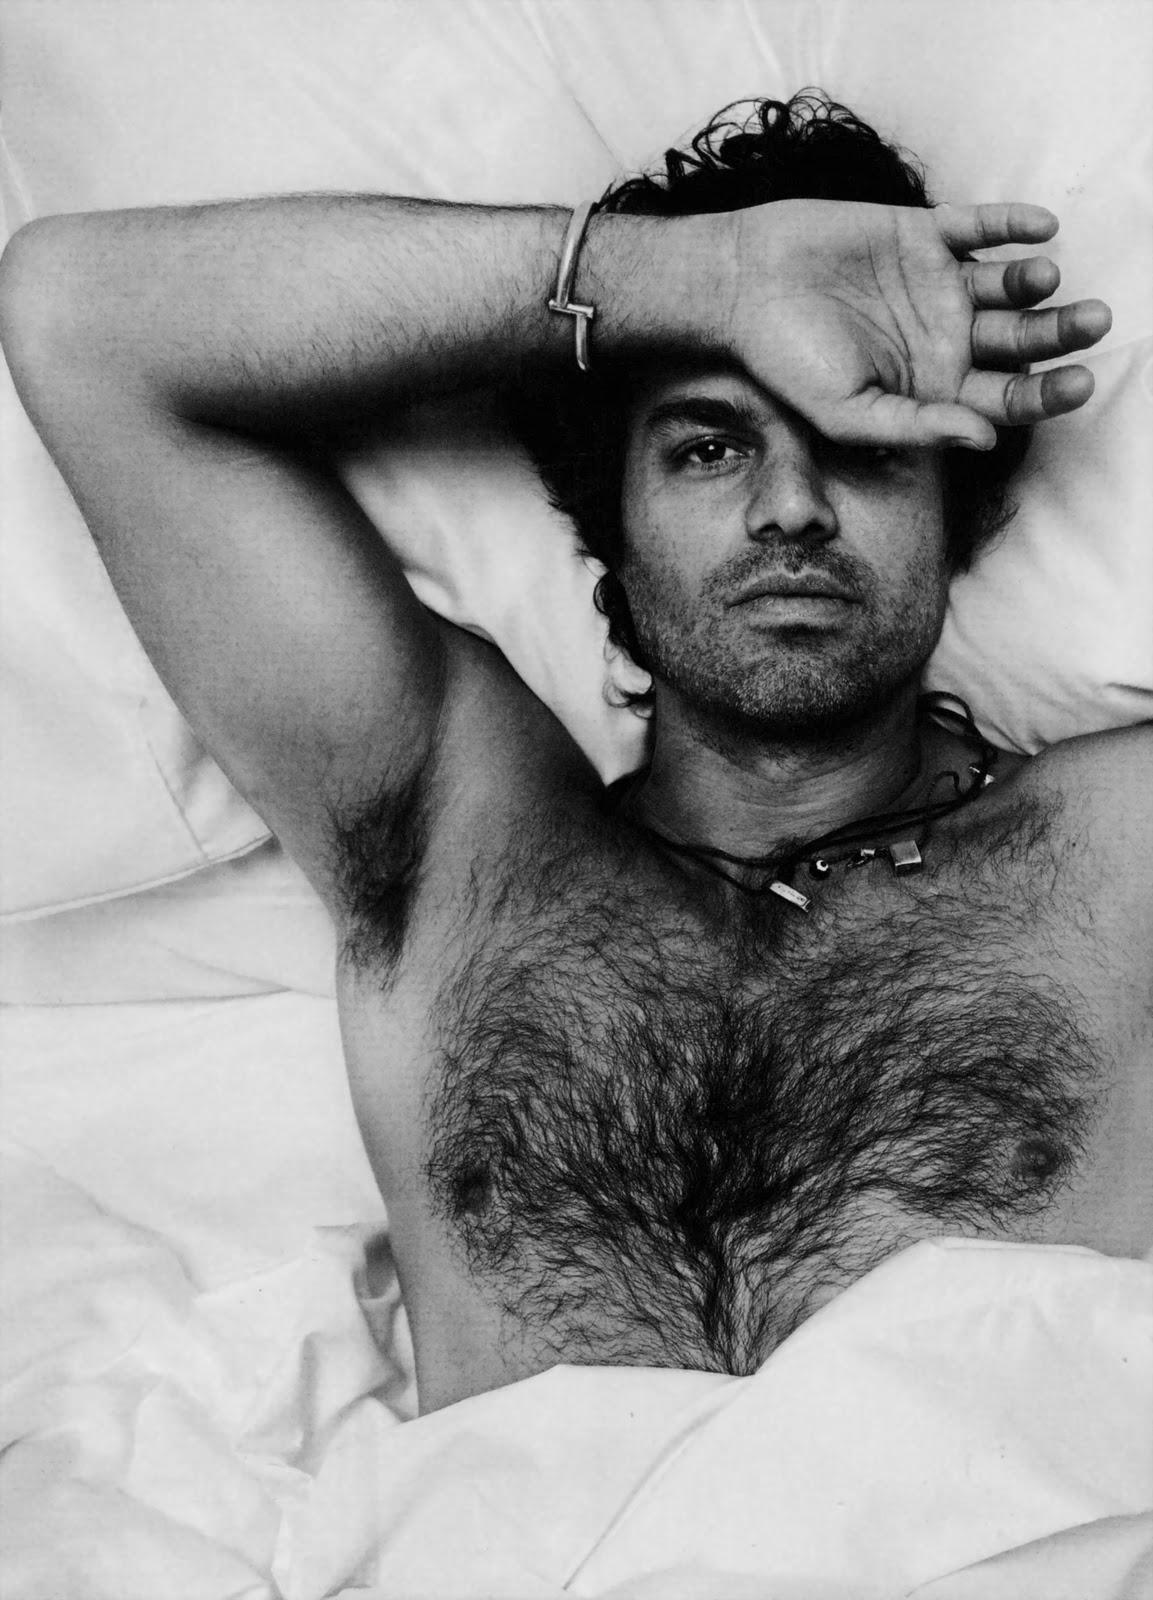 http://2.bp.blogspot.com/-PImx-AMFm7c/TzMT3Je0kDI/AAAAAAAAEio/2uUtjbtLiPk/s1600/Marc-Ruffalo-hot-hairy-sexy-male-actor-1.jpg